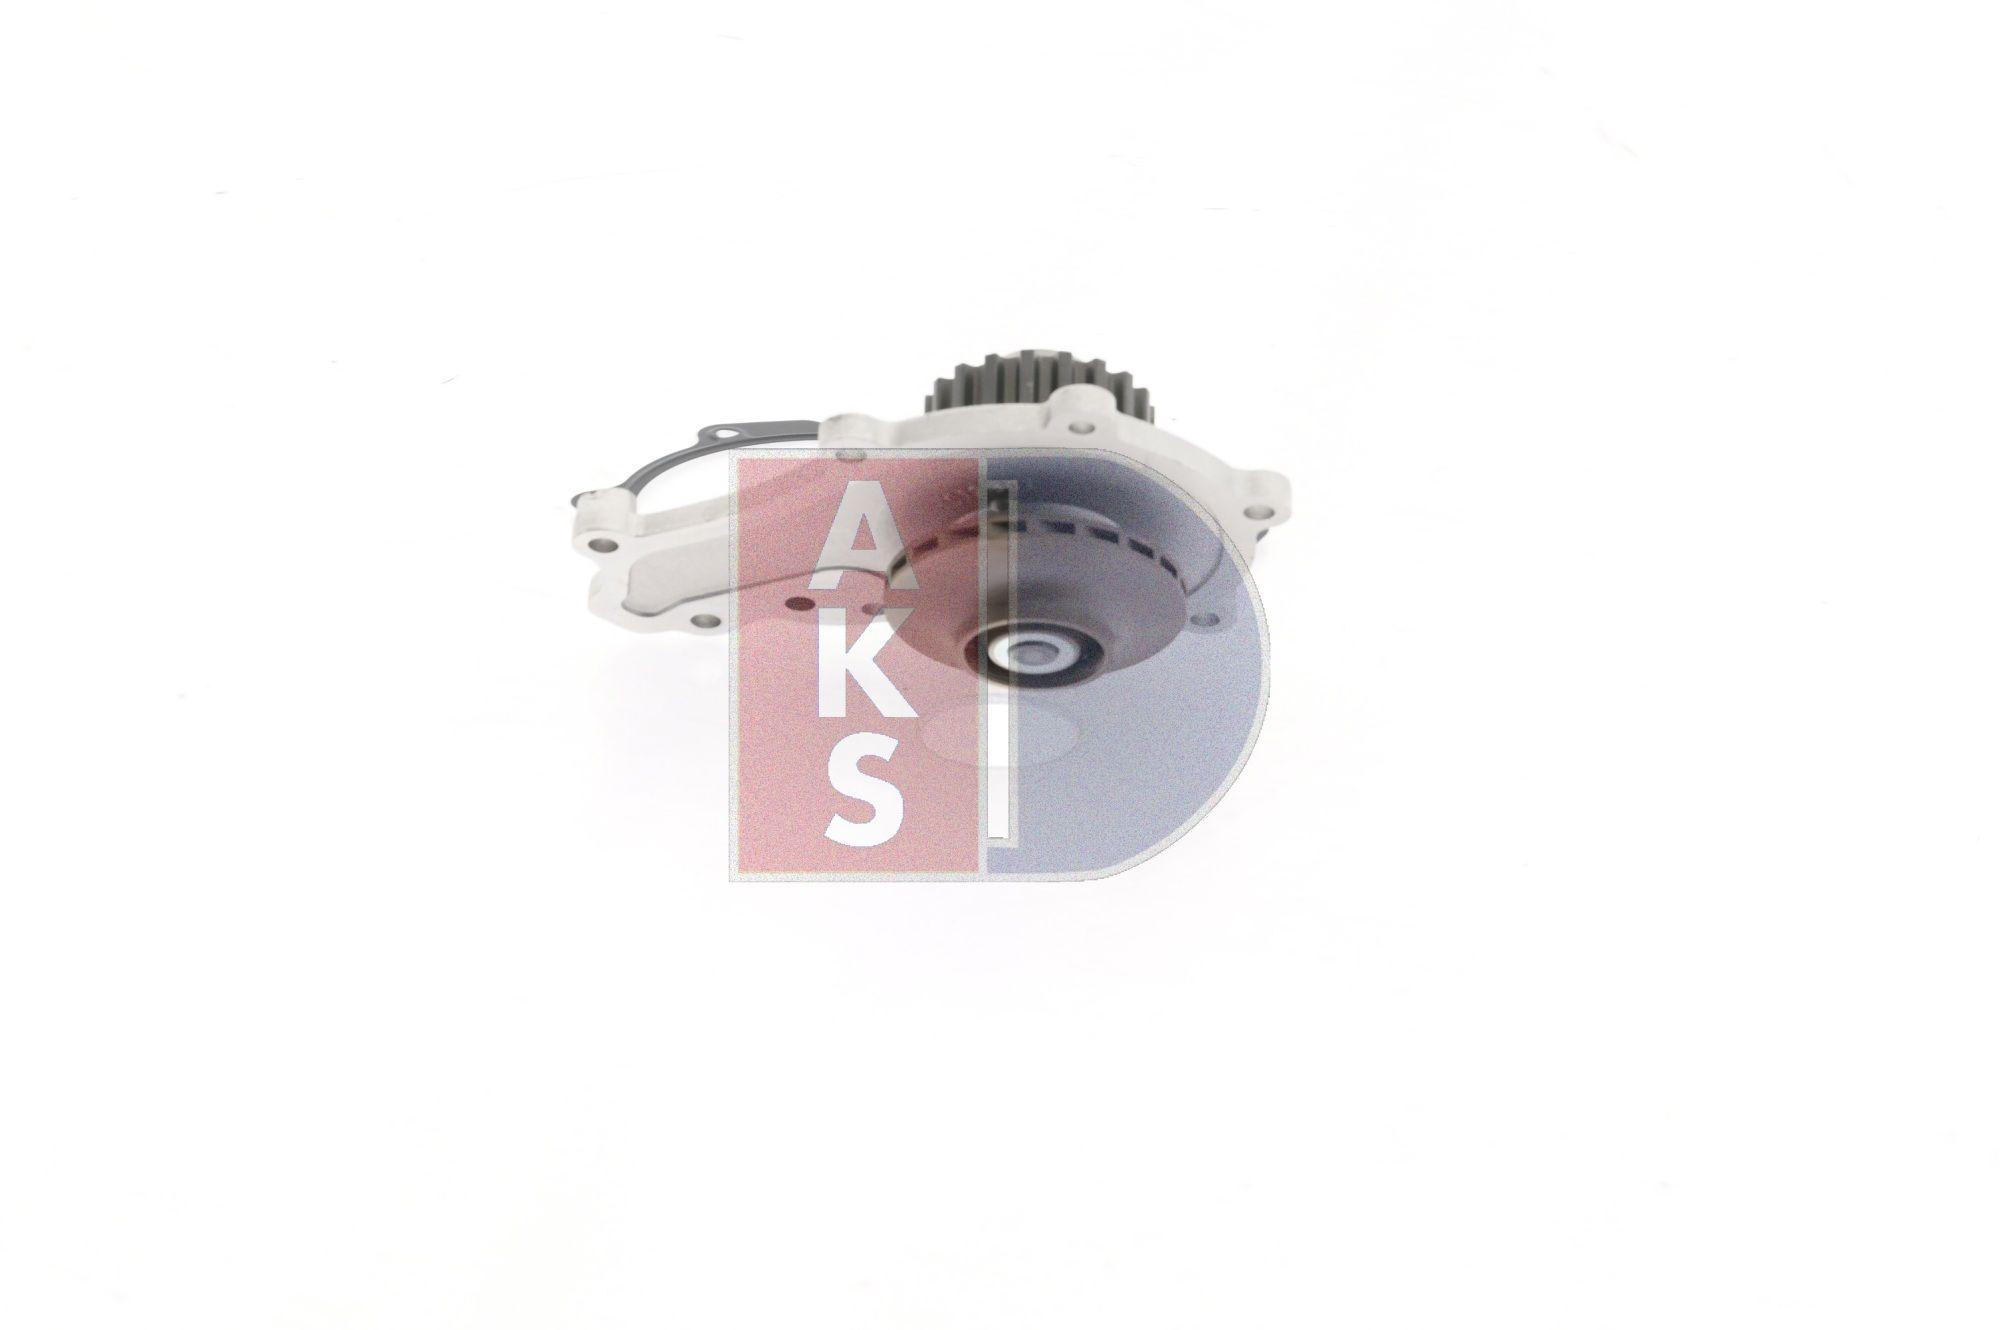 570127N Kühlmittelpumpe AKS DASIS 570127N - Große Auswahl - stark reduziert